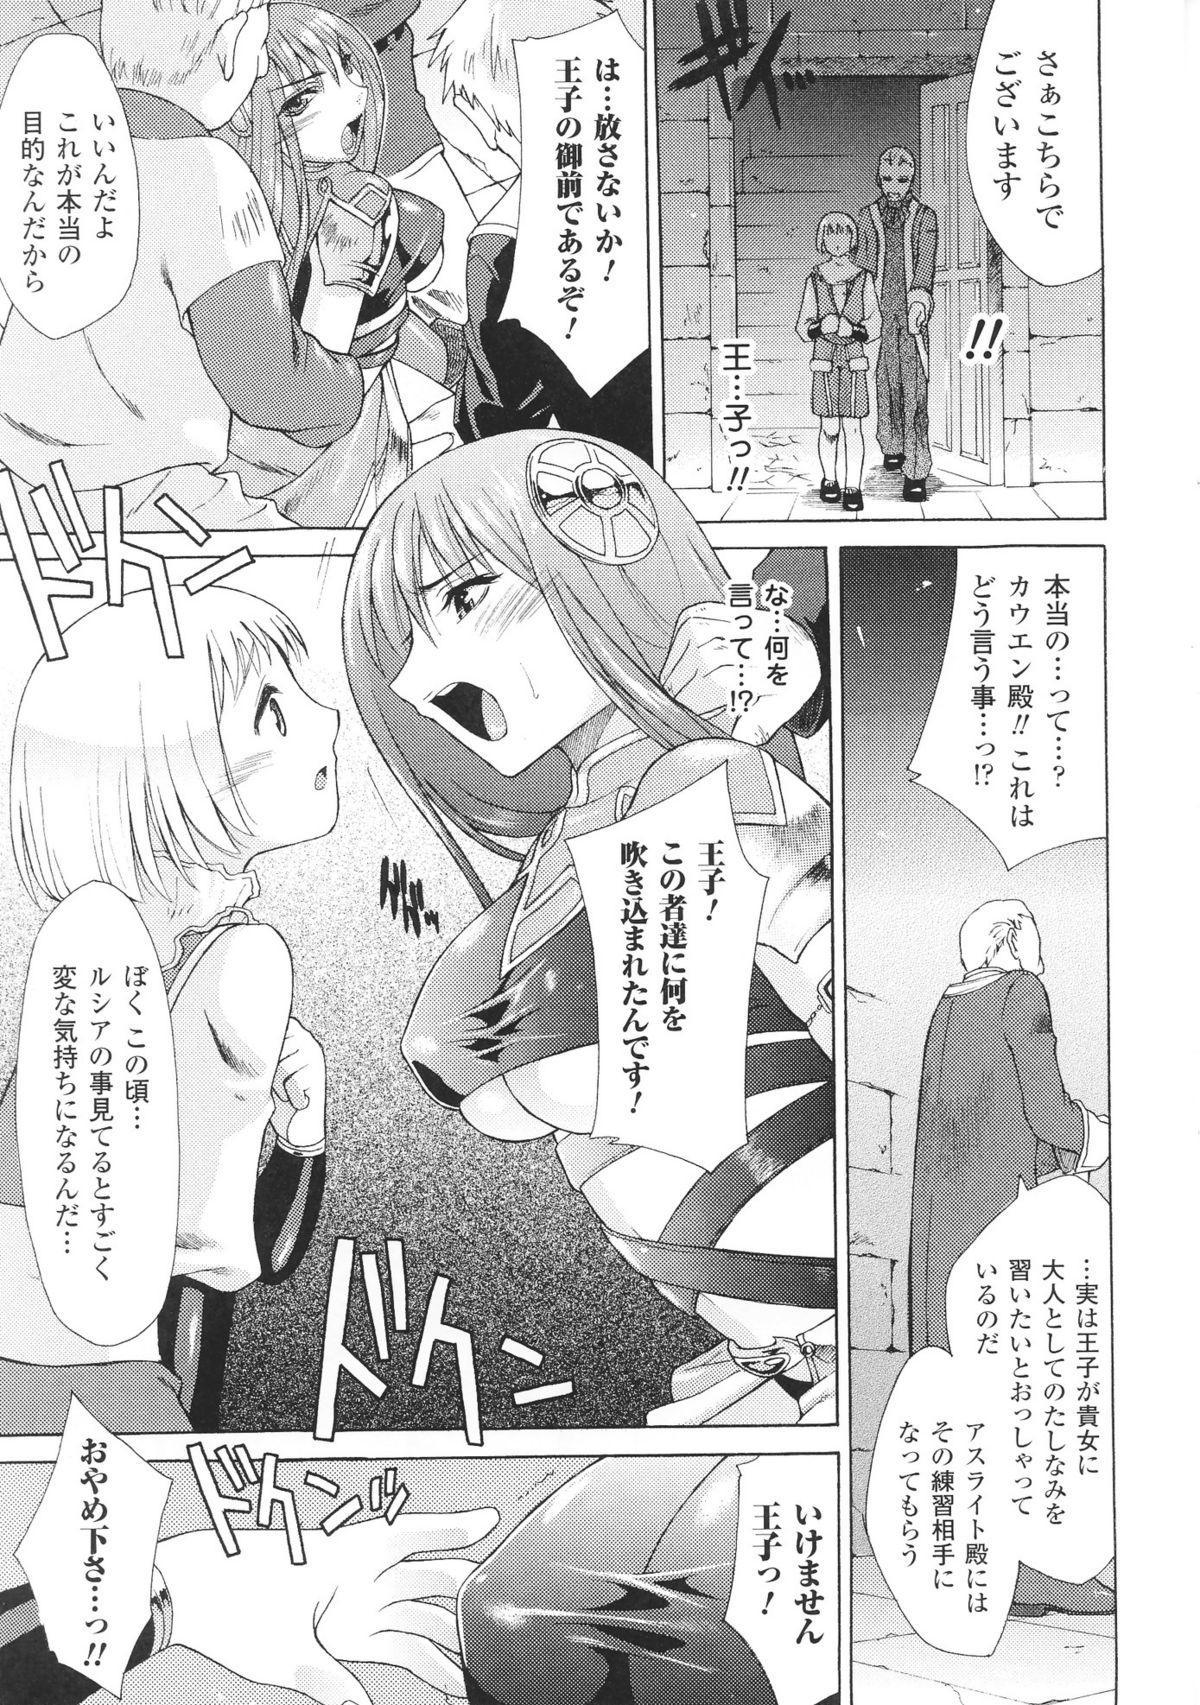 Toushin Engi Vol. 5 98